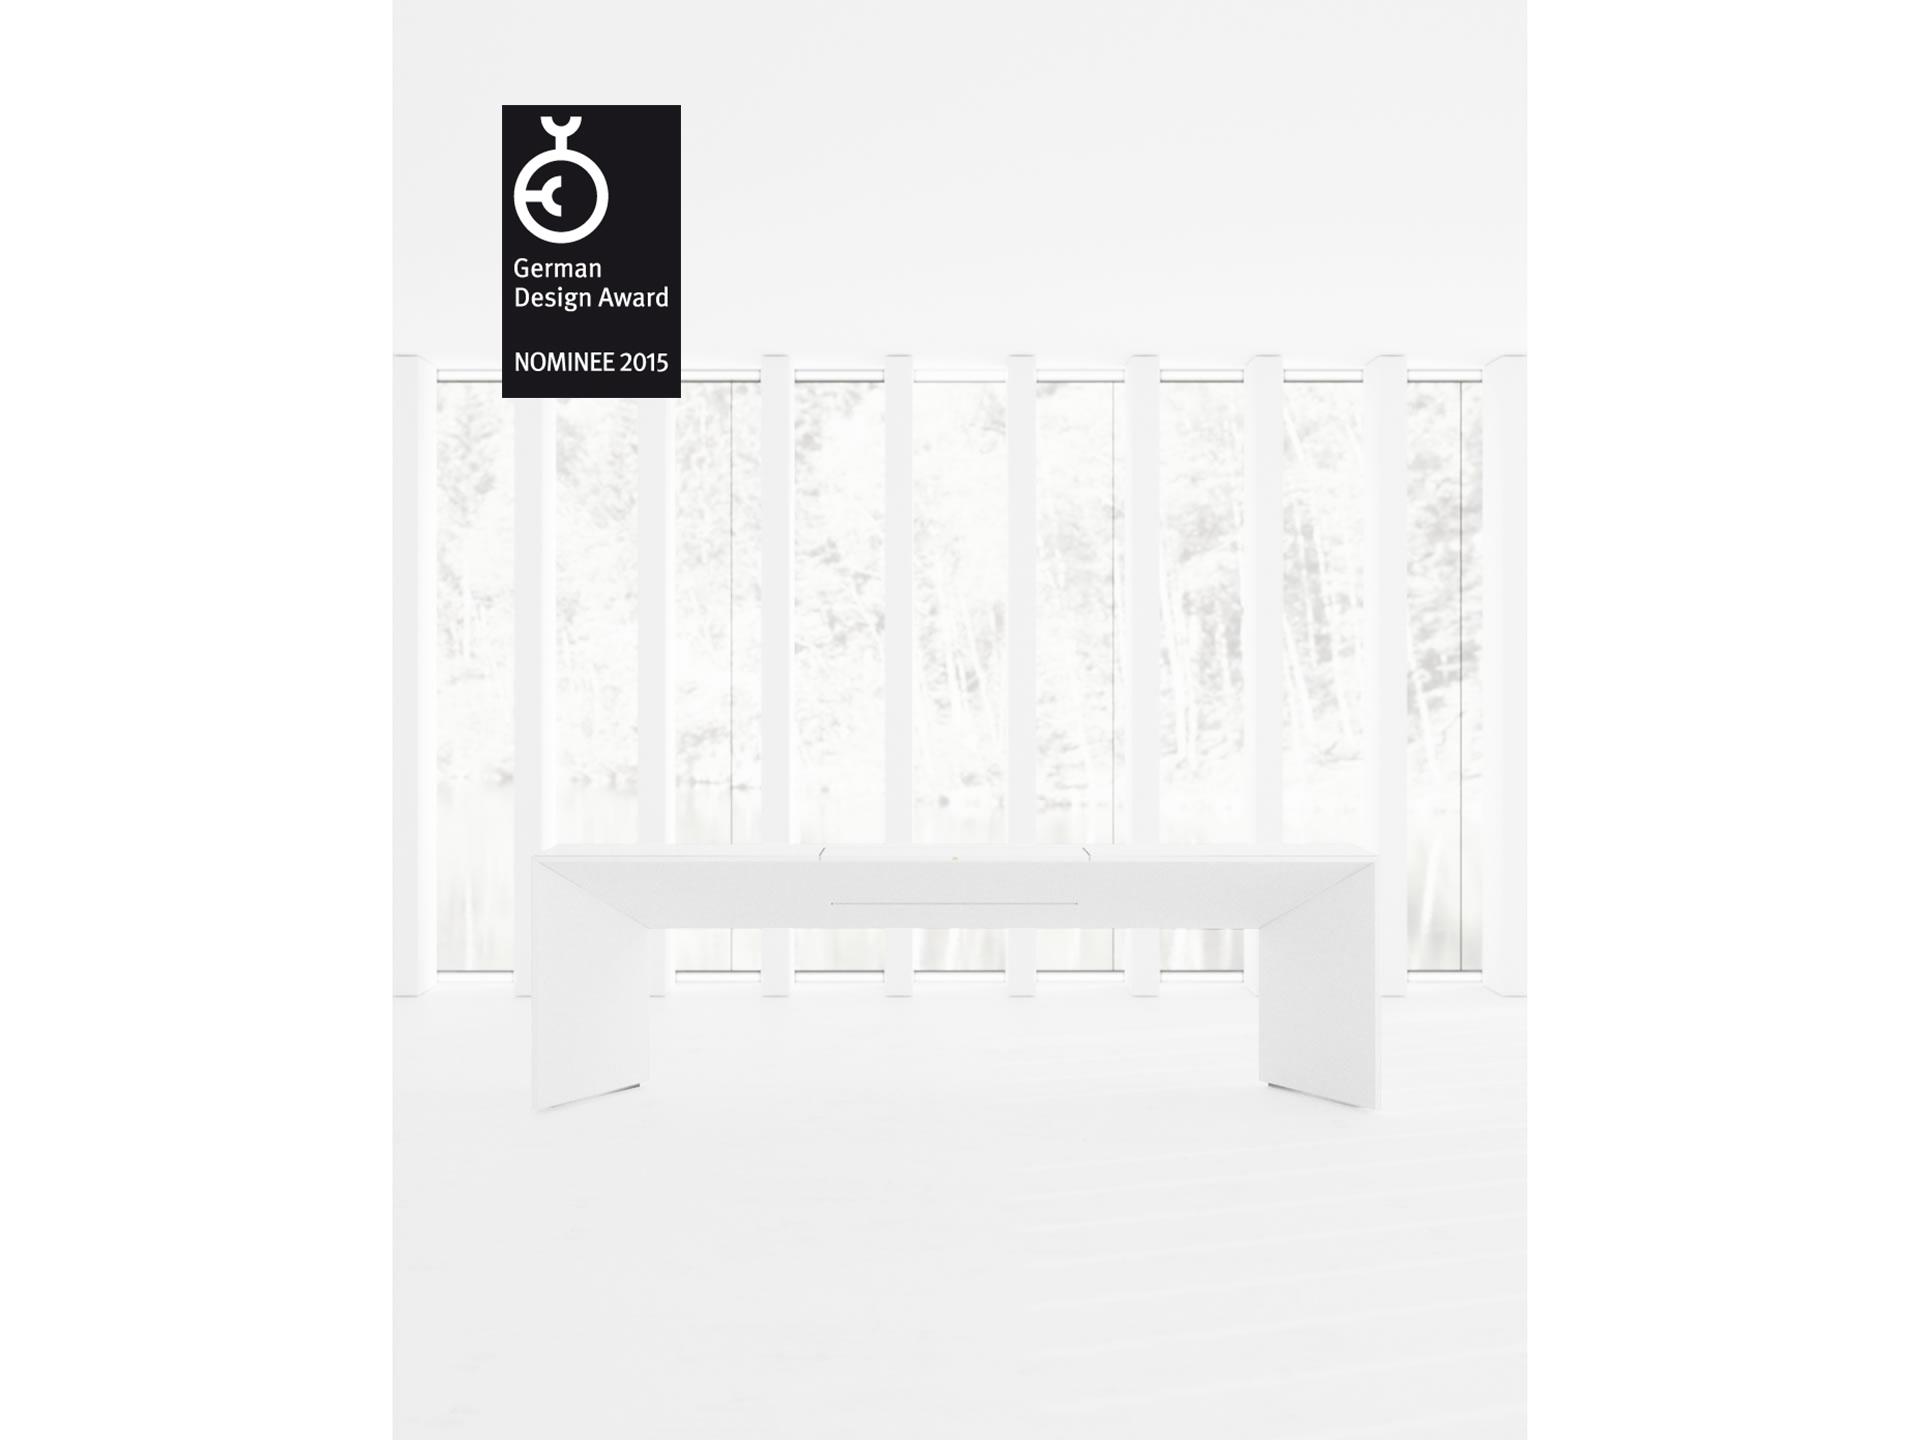 schreibtisch gewinner german design award nominee 2015 felix schwake. Black Bedroom Furniture Sets. Home Design Ideas